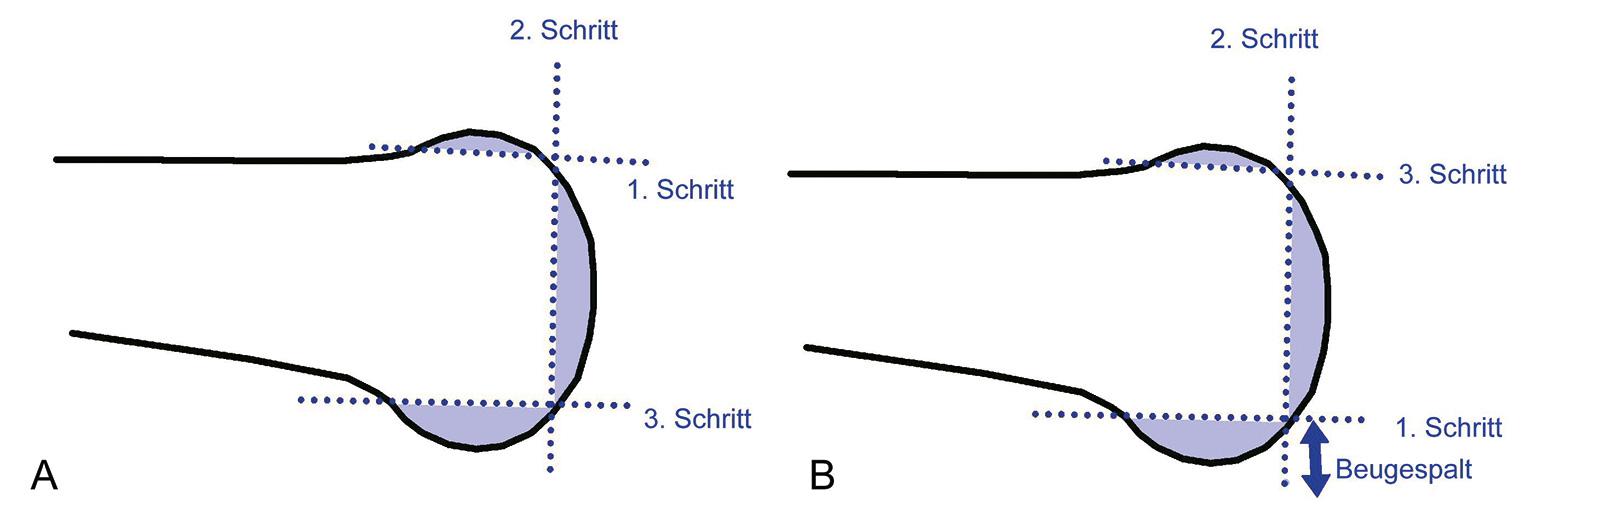 Abb. 1-41: Femurresektion mit einem anterioren Referenzpunkt (A) und mit einem posterioren Referenzpunkt (B)